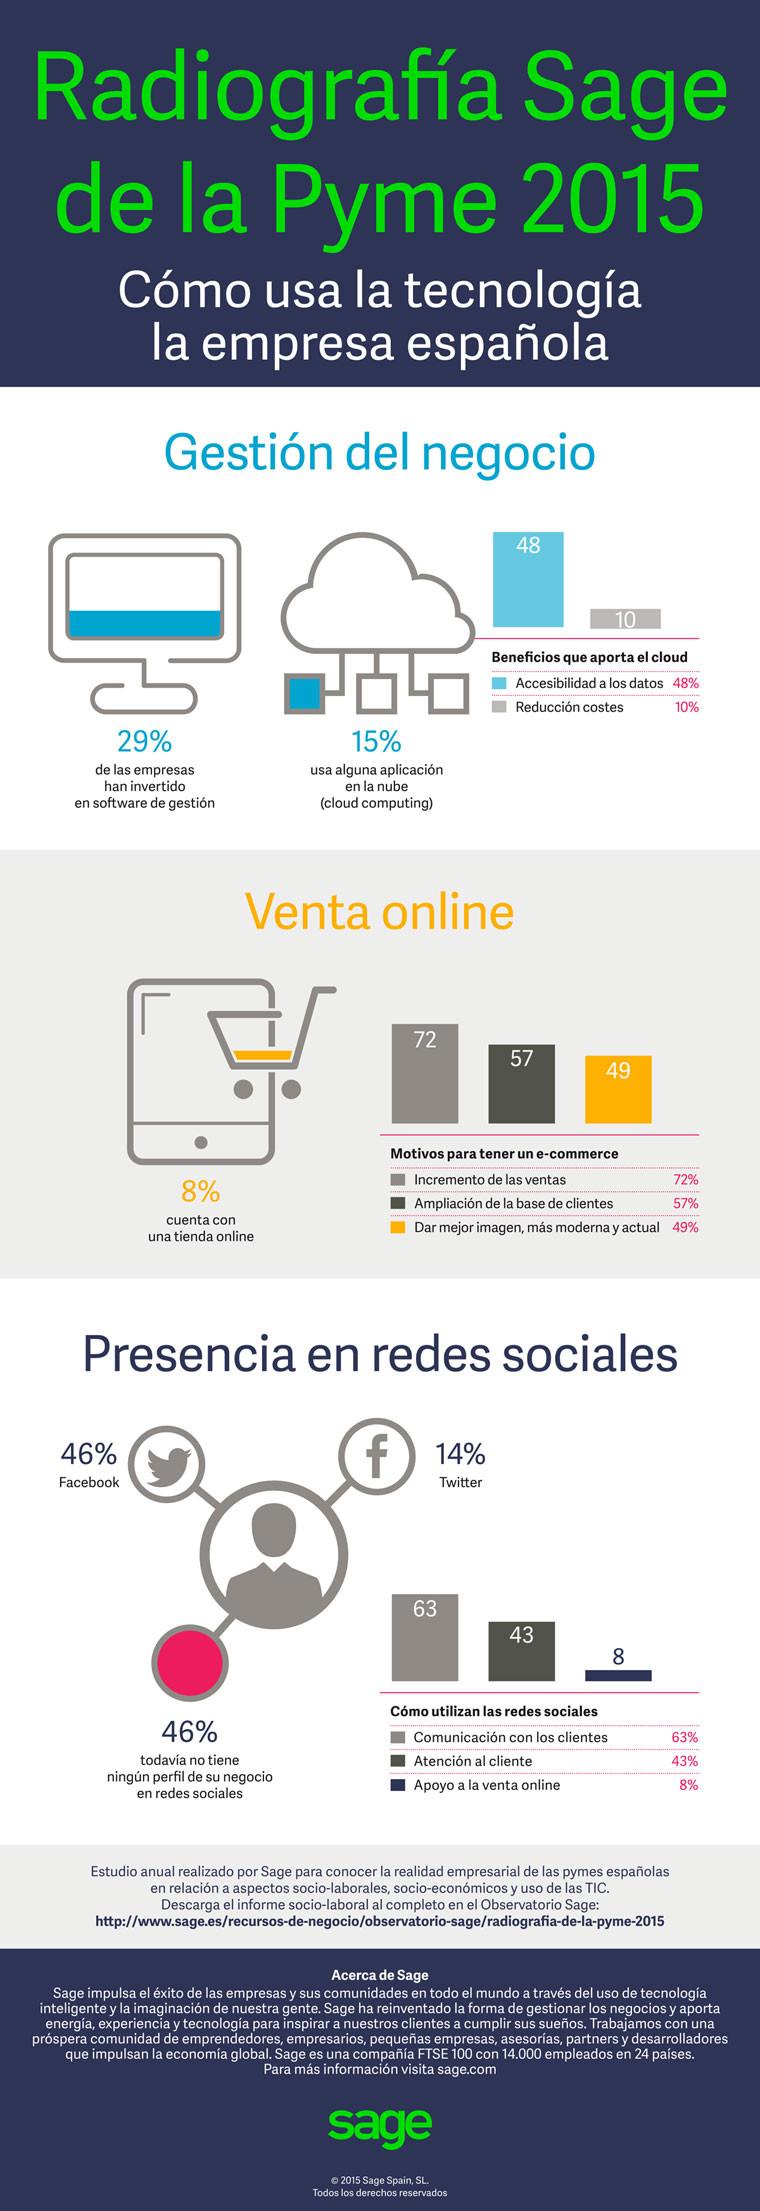 Como-usa-la-tecnologia-la-pyme-espanola-infografia